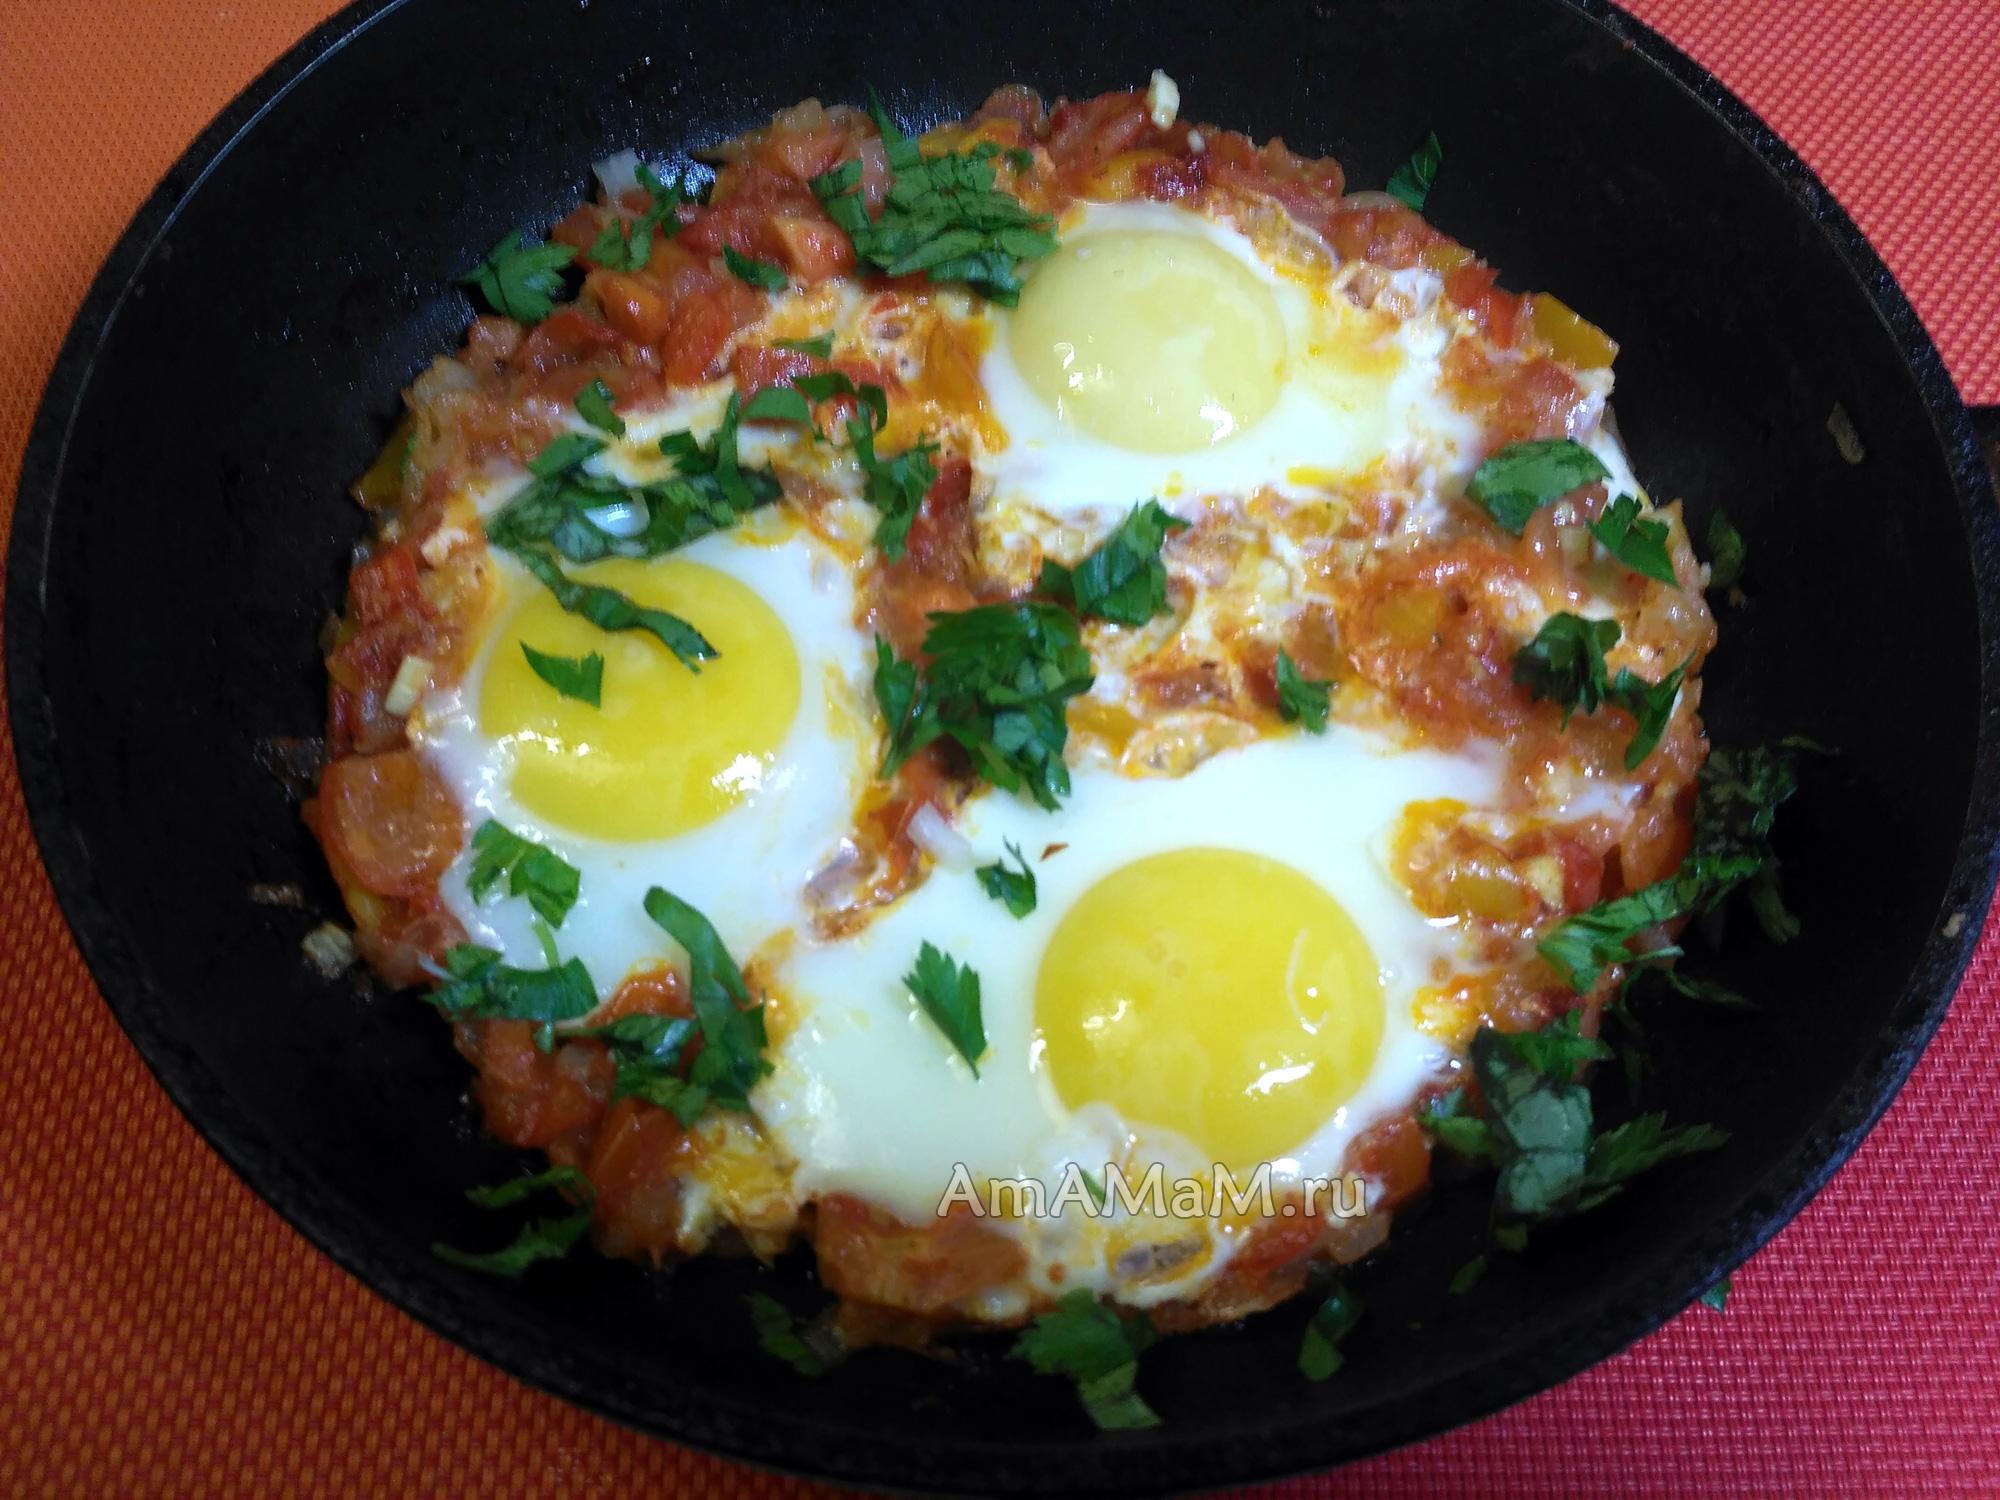 Шакшука - яичница с помидорами, луком и чесноком